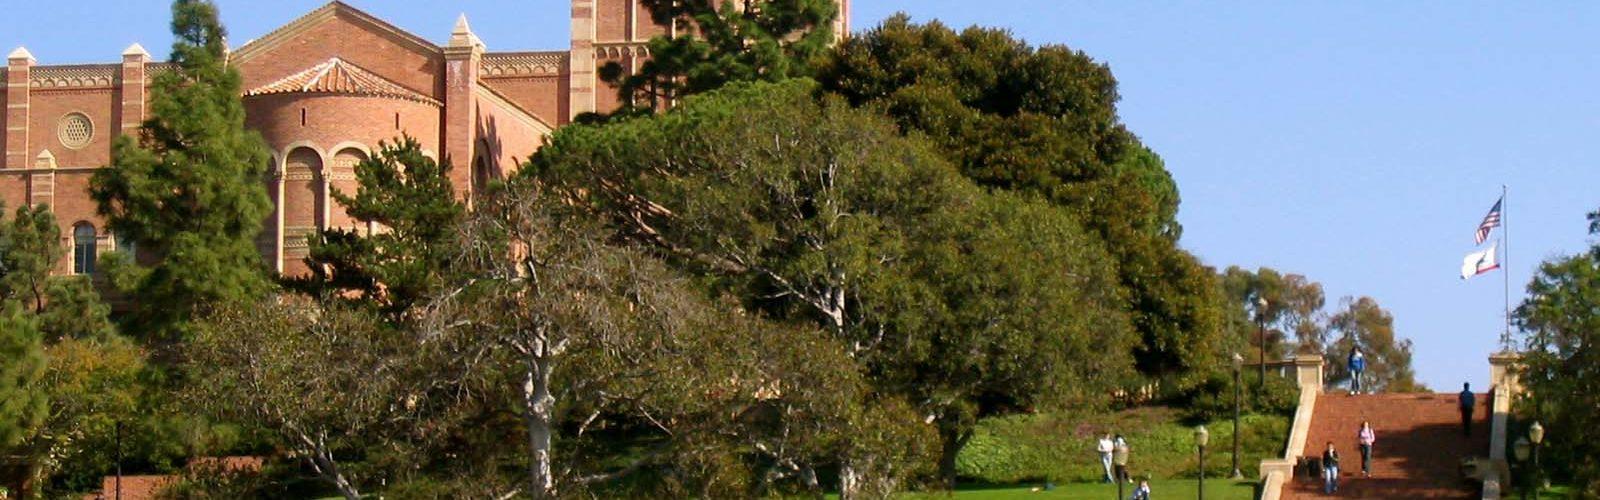 universites-publiques-californie-ucla-une